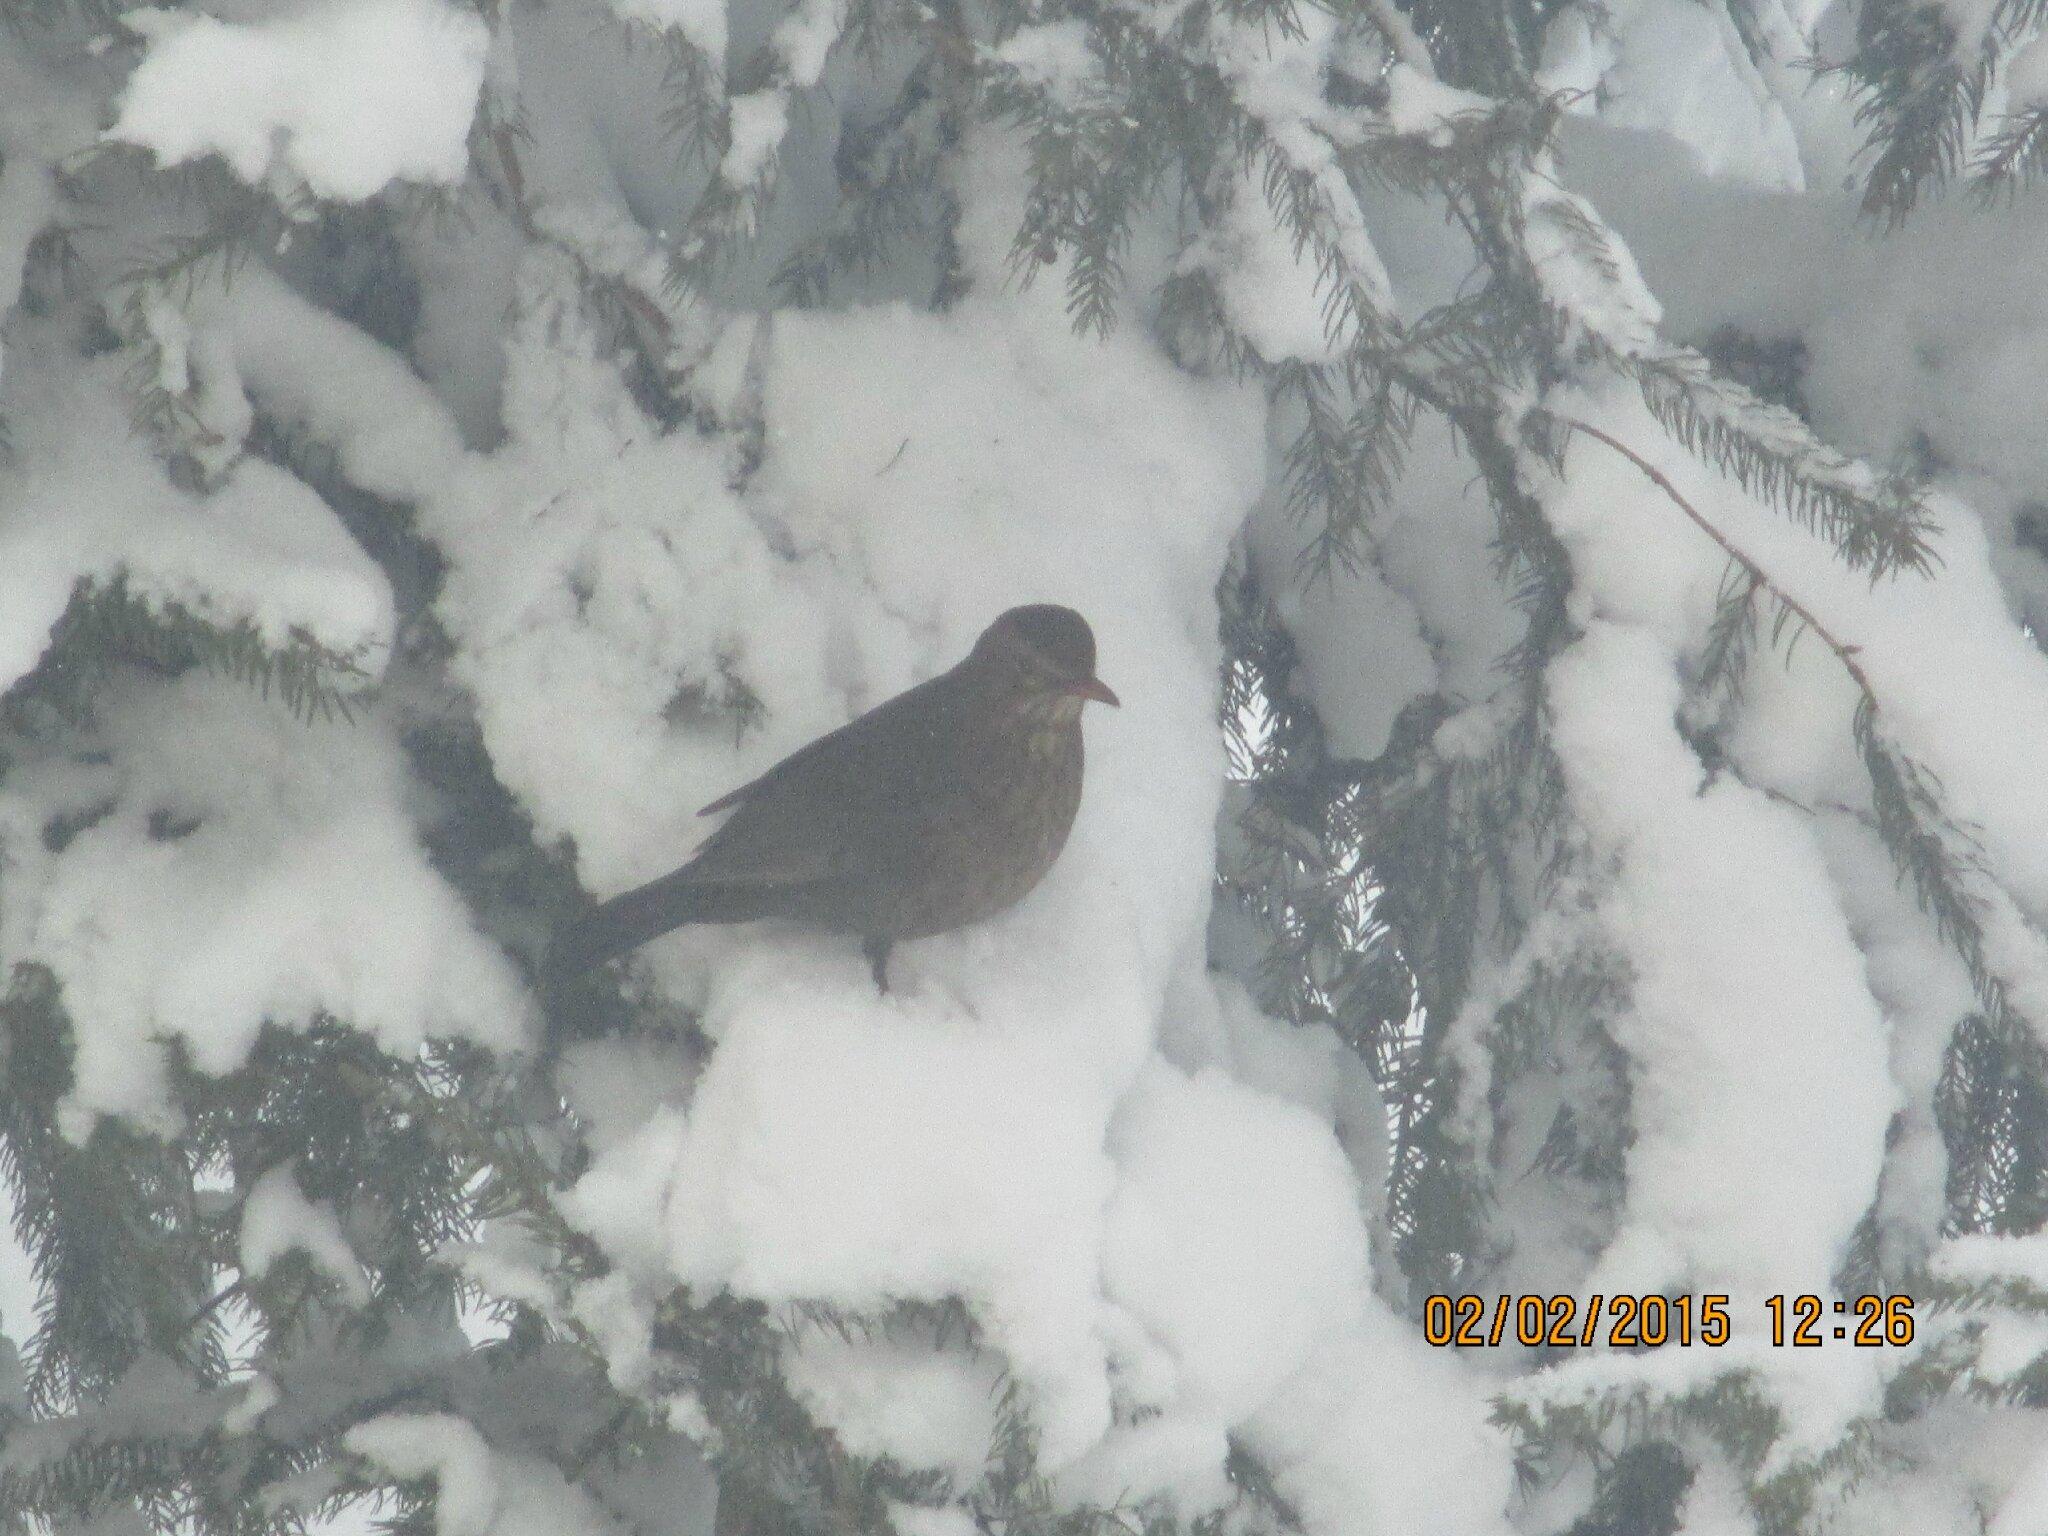 25 cm de neige et -8°, a glagla l'hiver est bien là!!